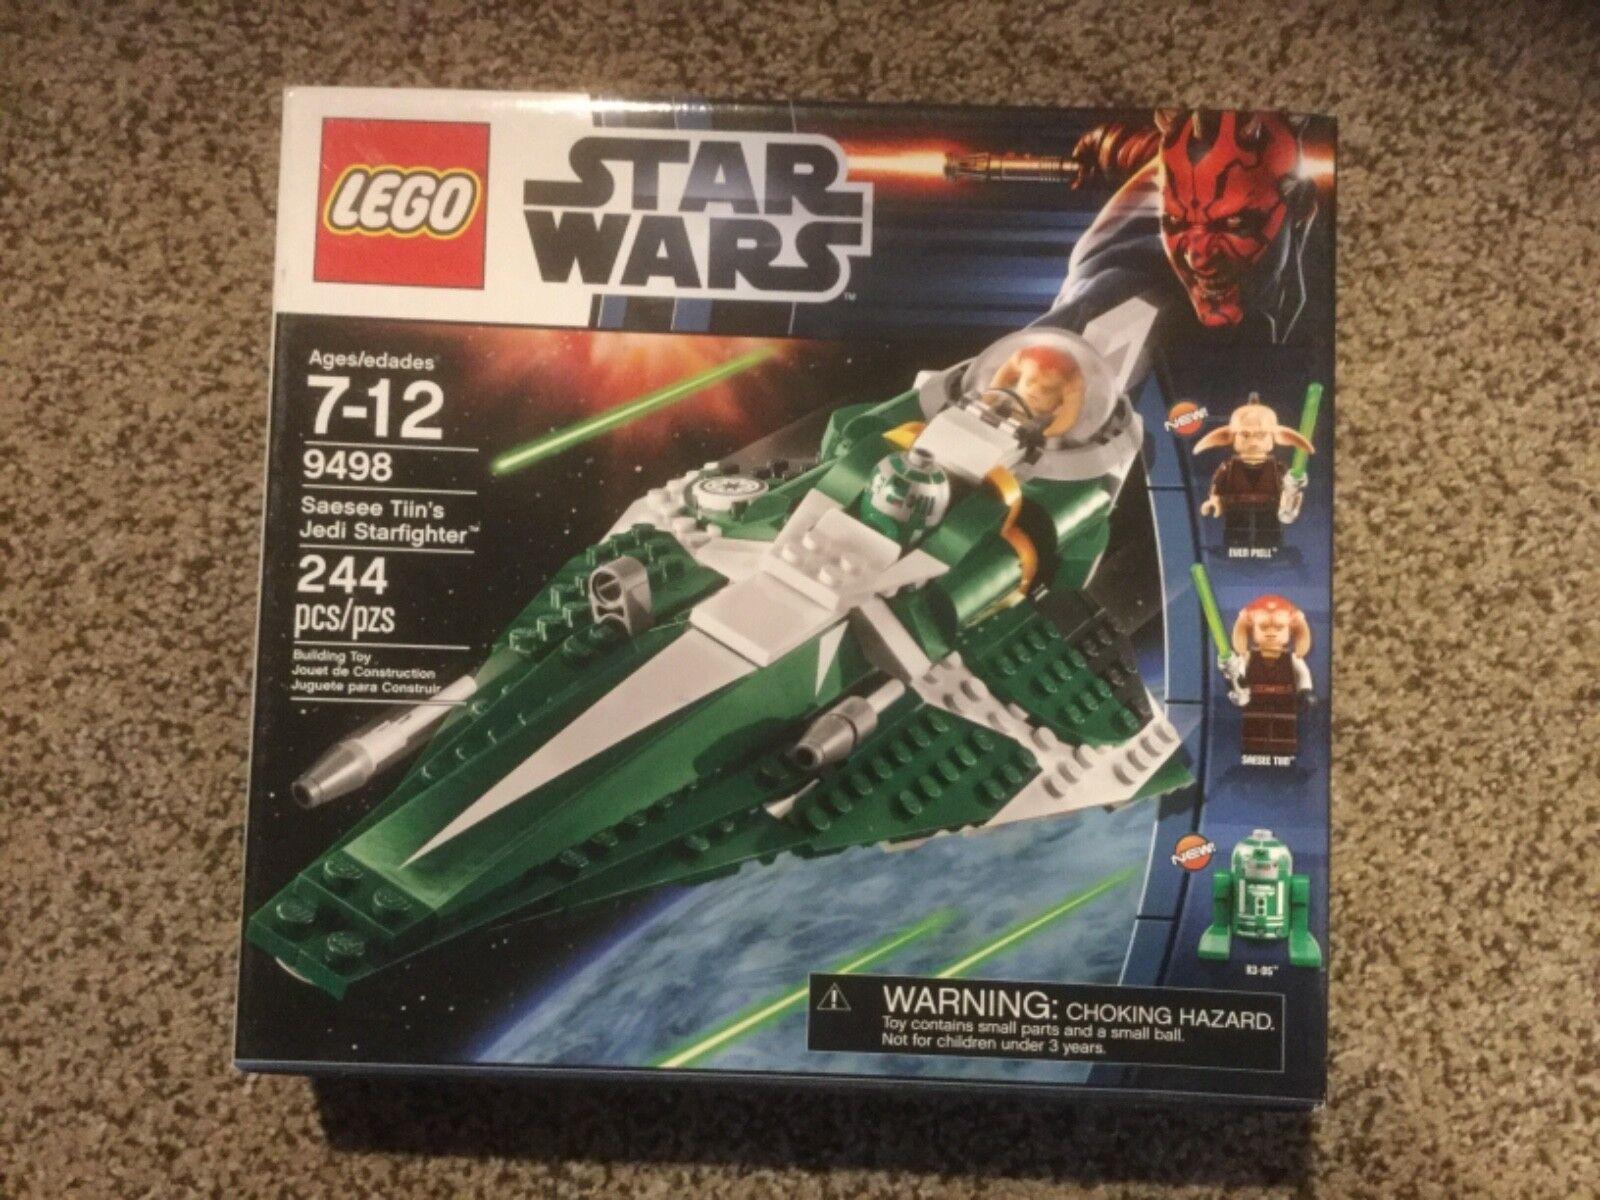 Neuf dans sa boîte LEGO Star  Wars T Tiin's Jedi Starfighter (9498)  commandez maintenant avec gros rabais et livraison gratuite